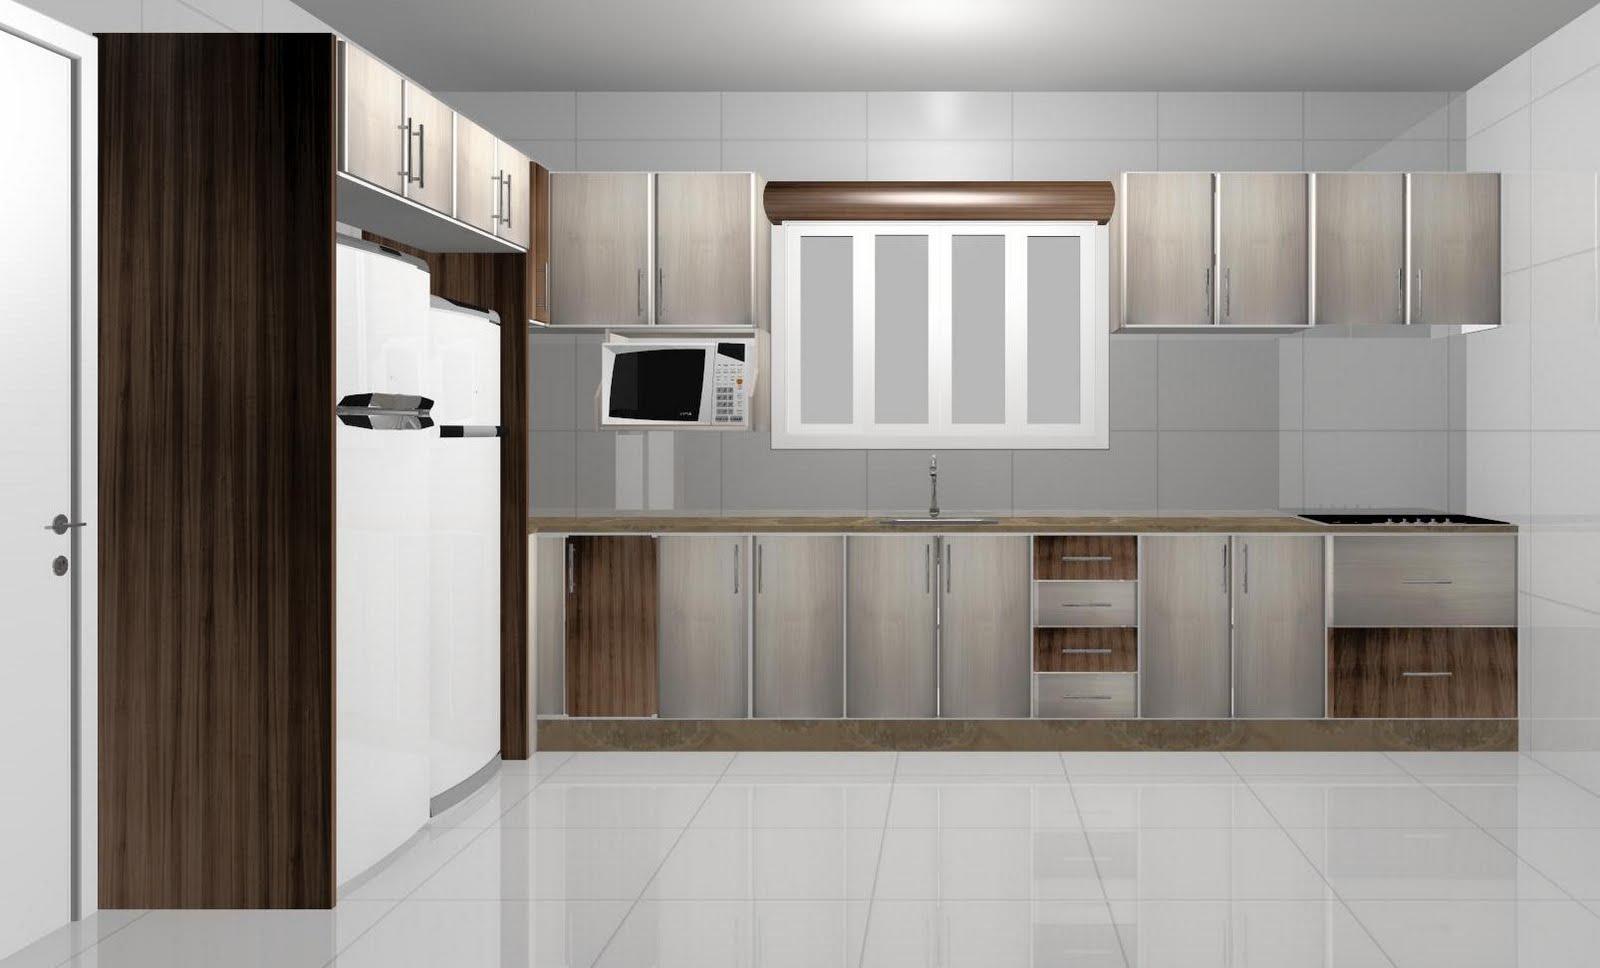 Espaço Nobre Design: Cozinha (Nogueira Boreal Carvalho Latino) #31241A 1600 968